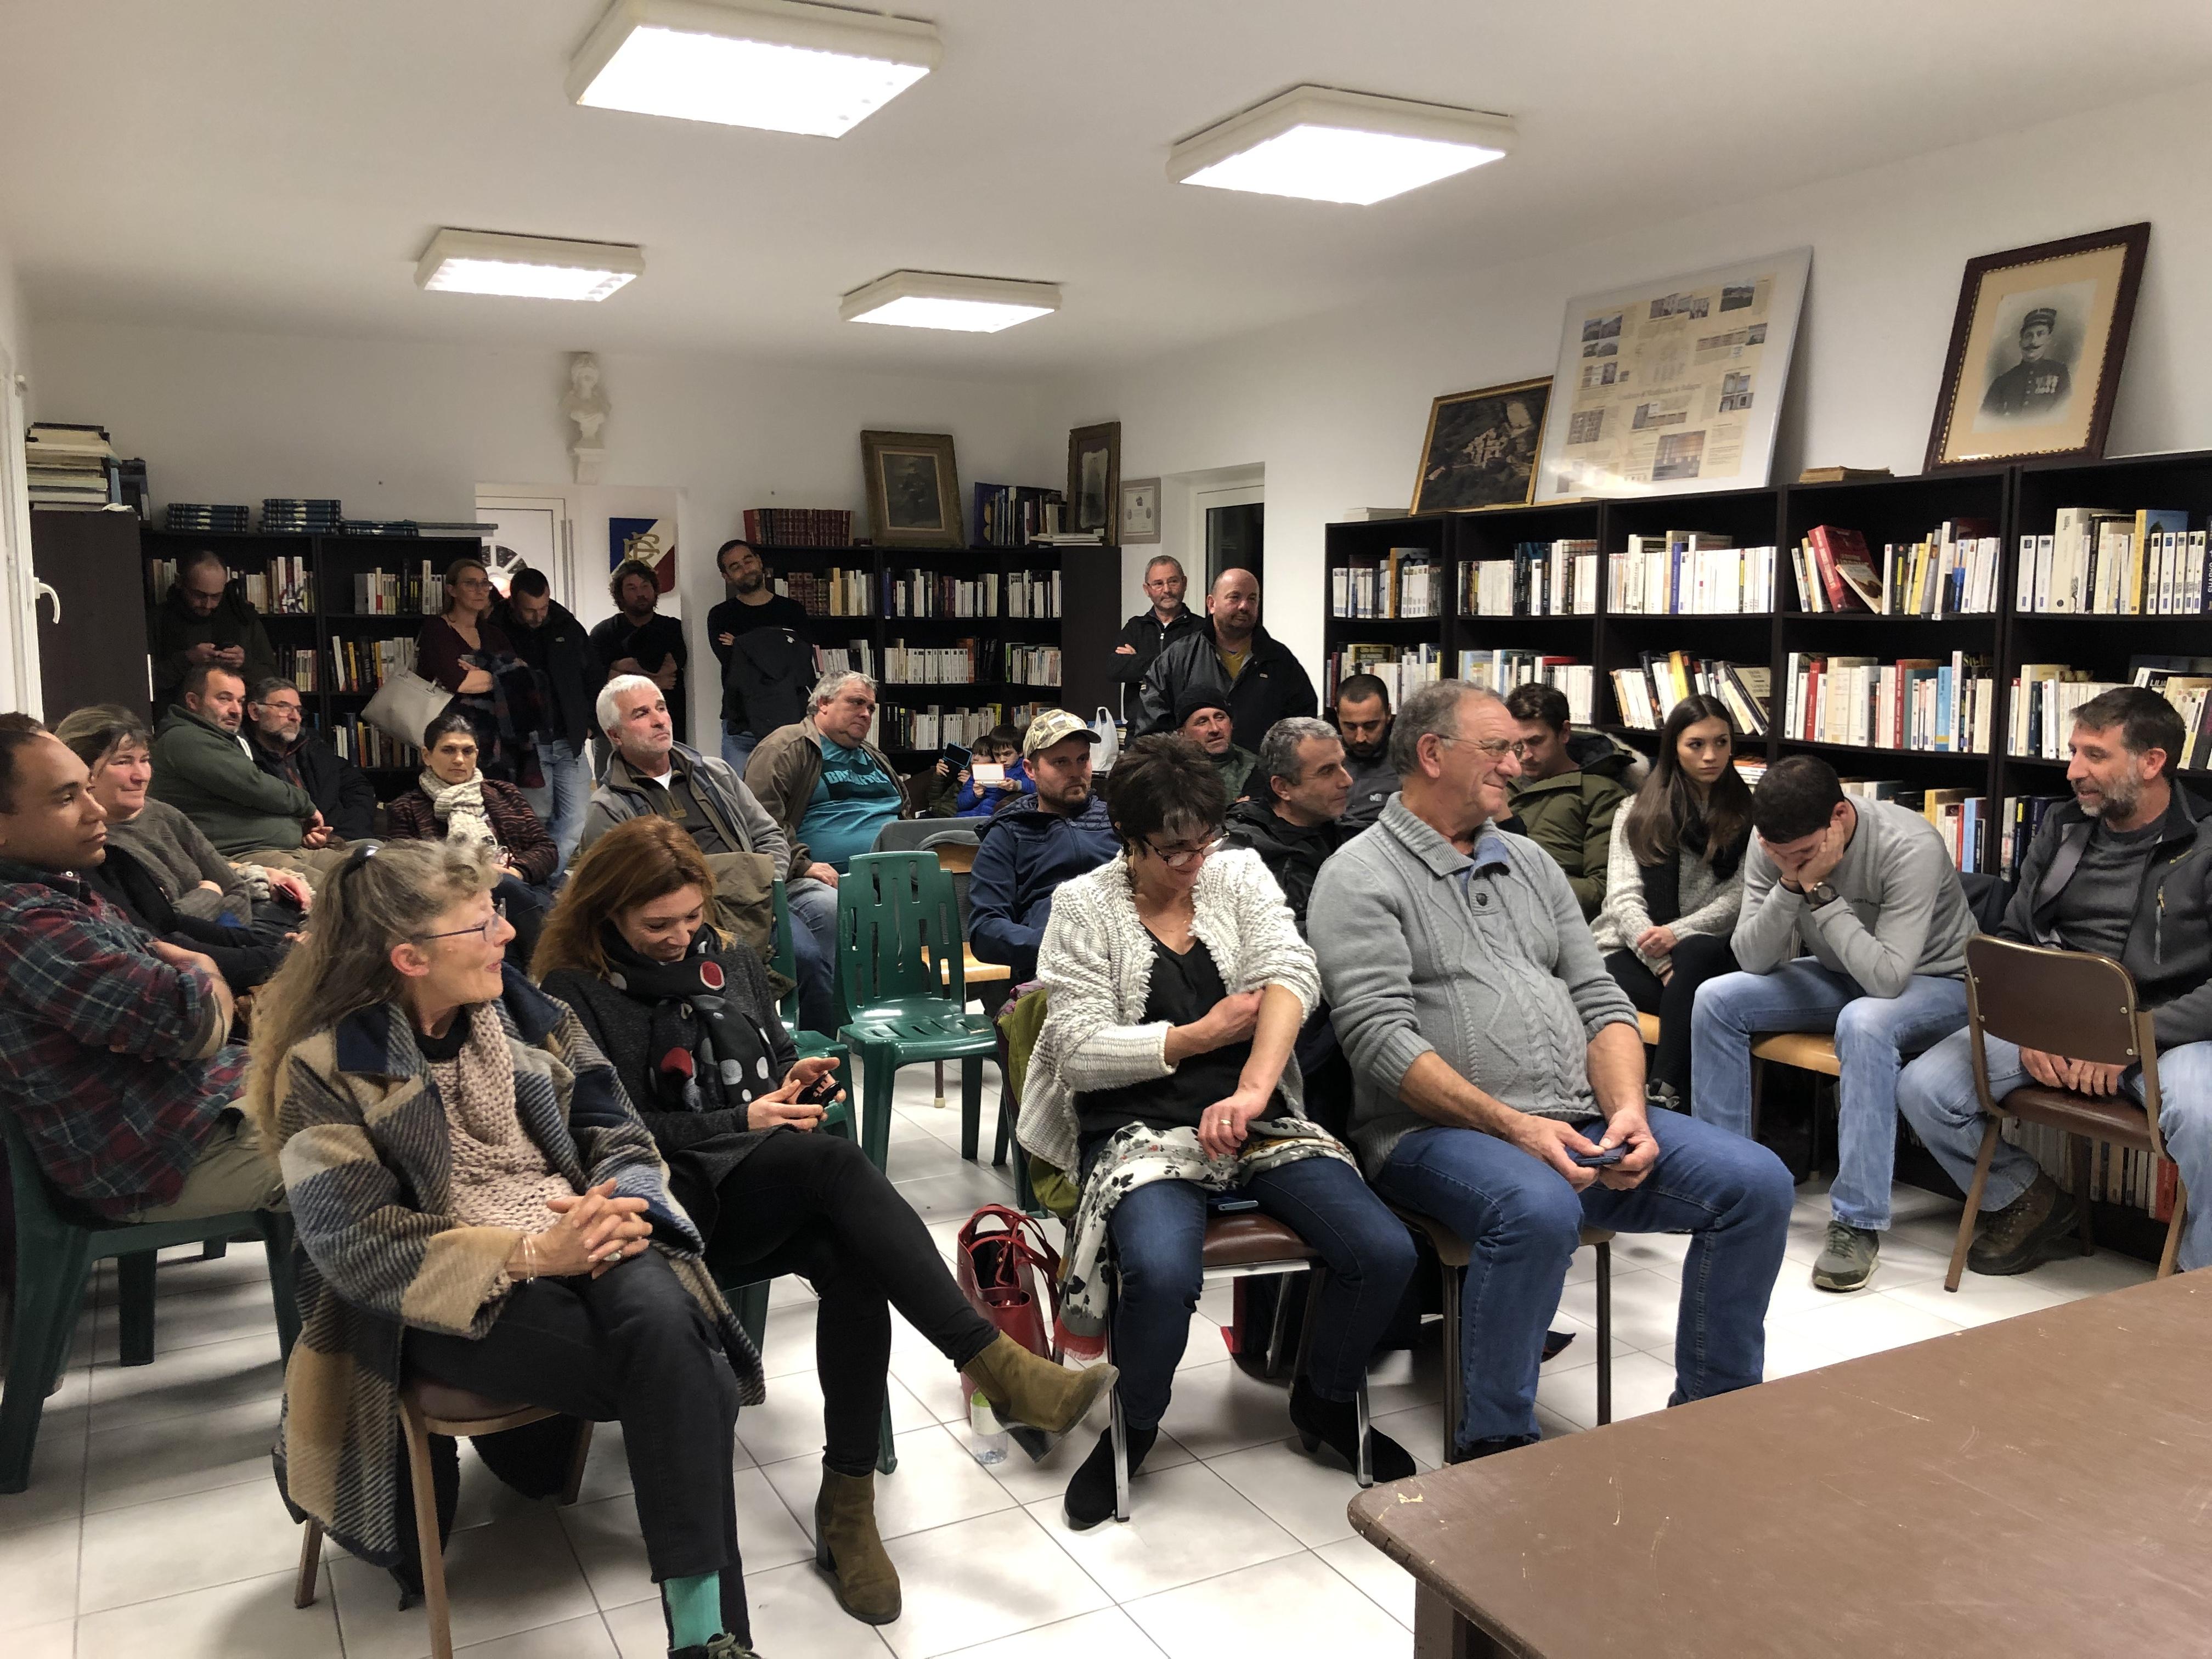 Renouvellement de la chambre de l'Agriculture de la Haute-Corse : Via Campagnola présente son projet à la mairie d'I Catari